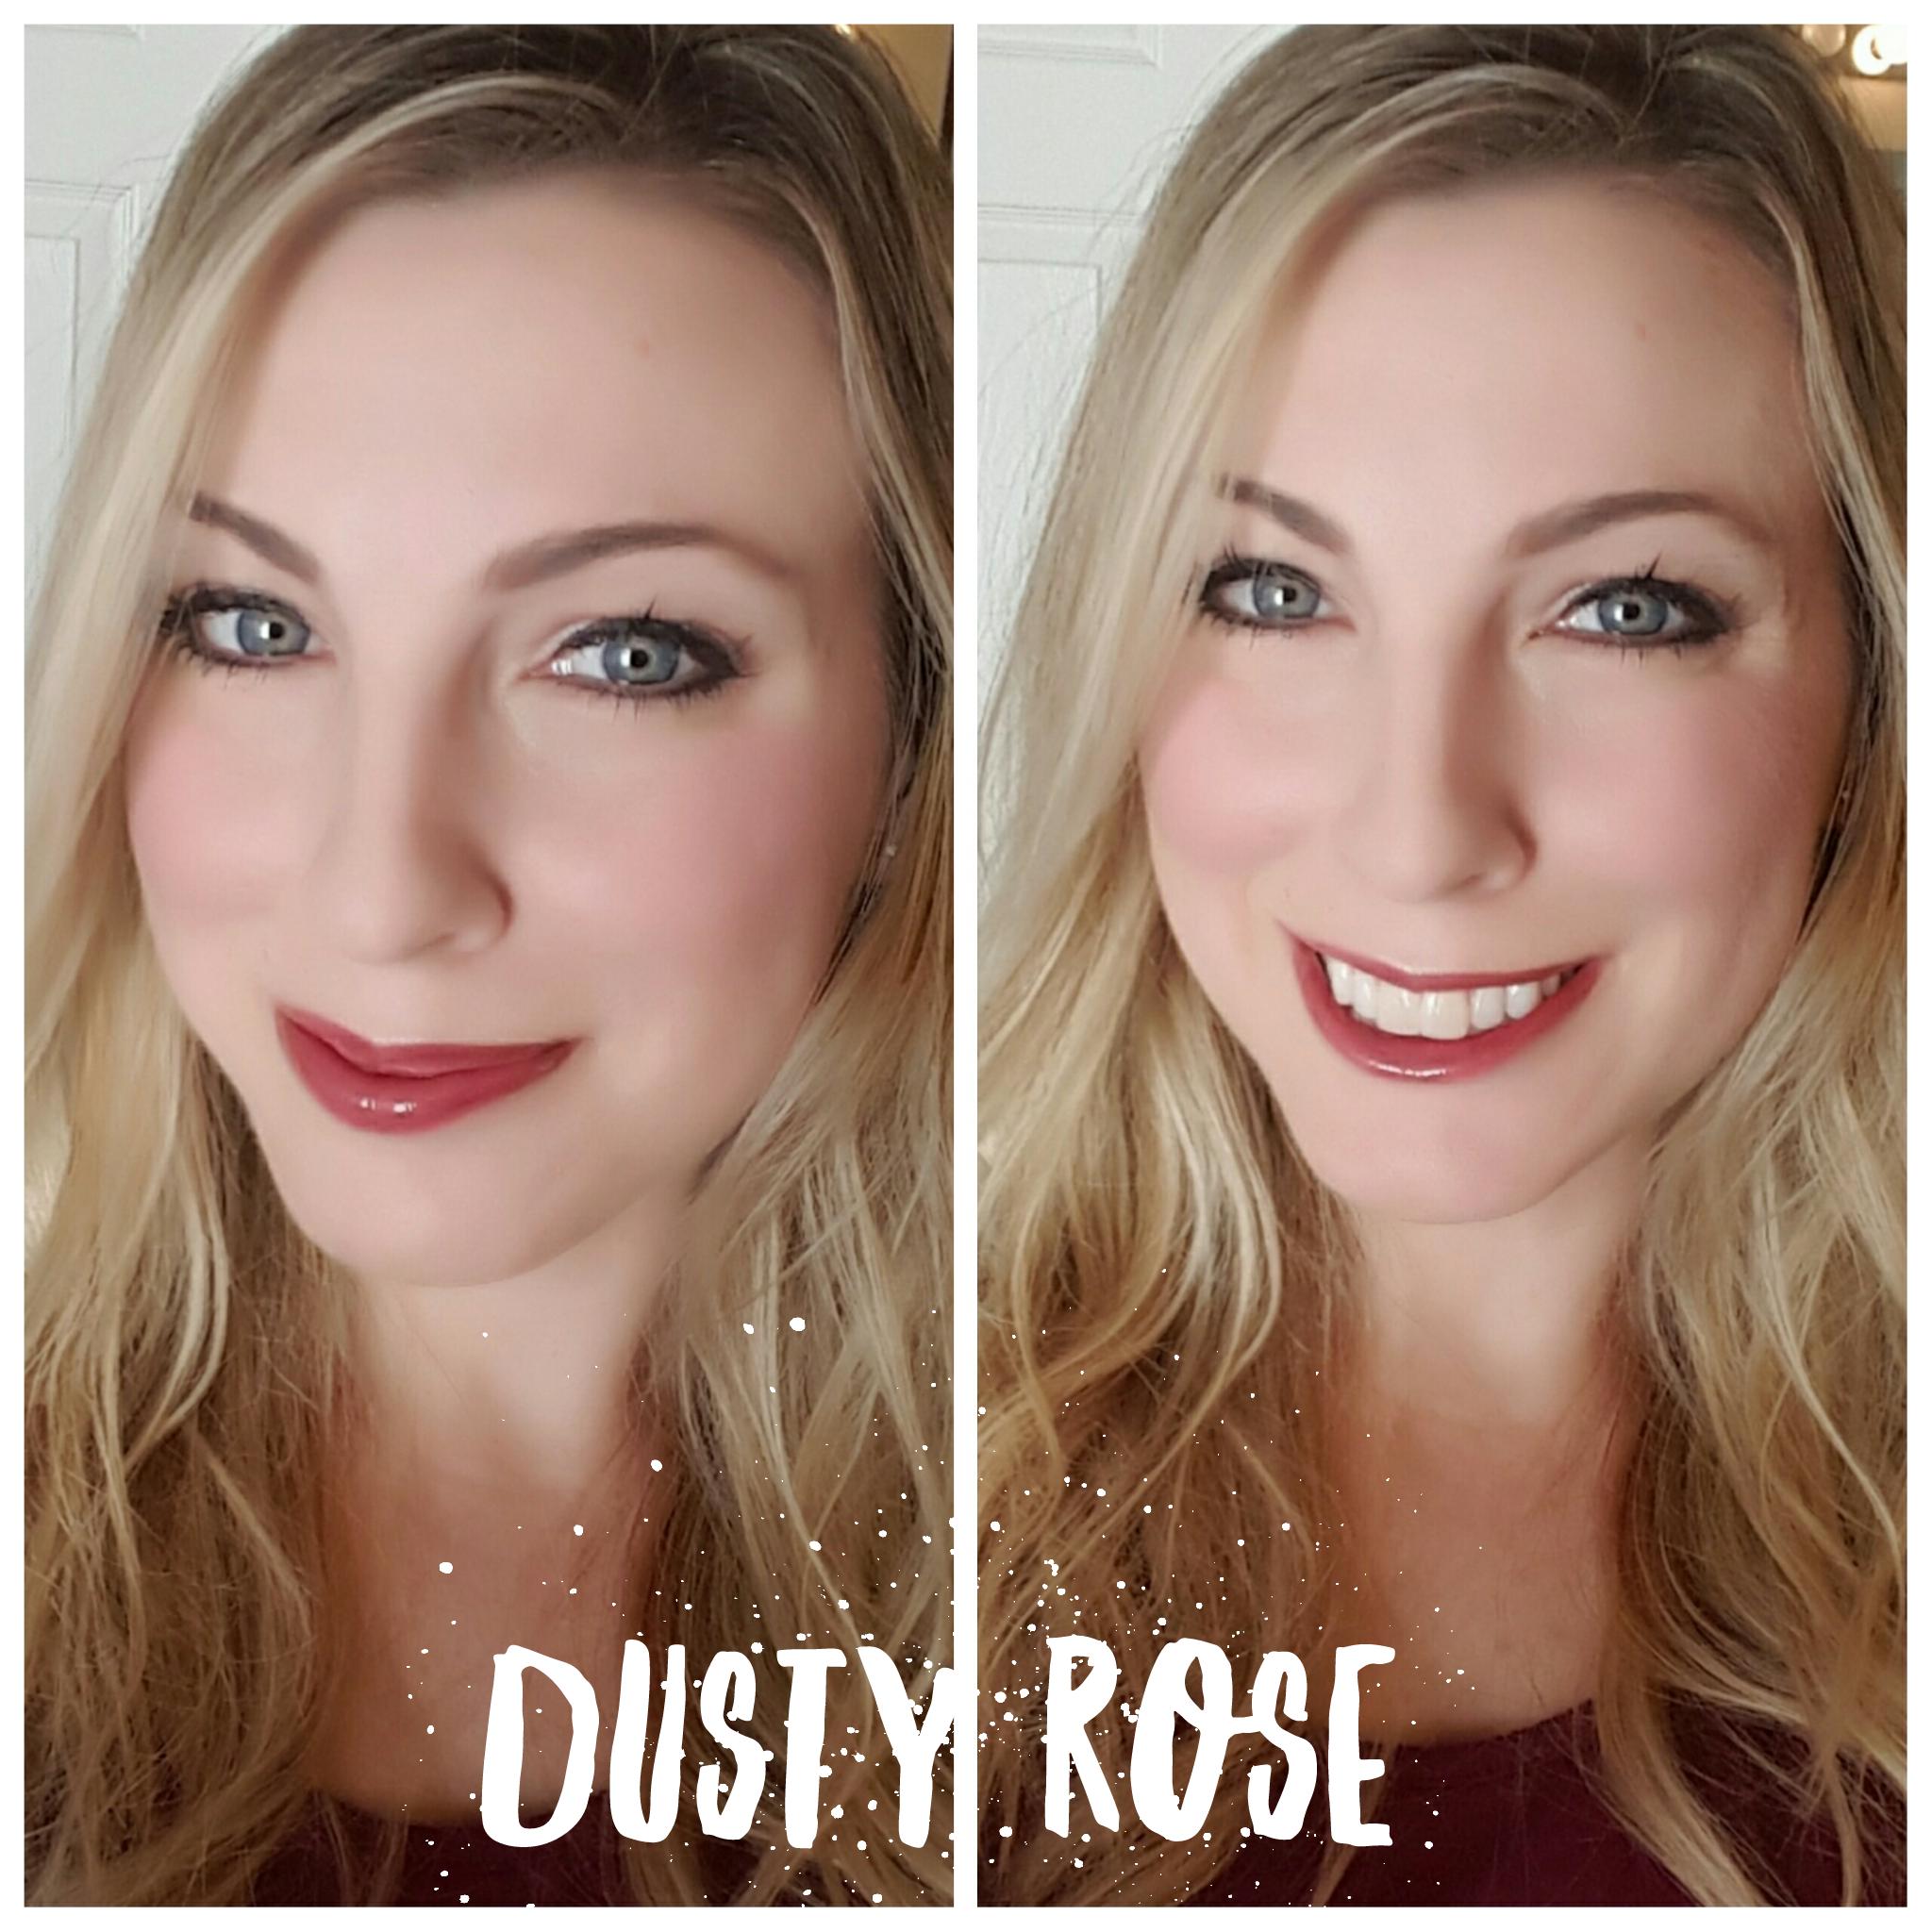 dusty-rose-selfie